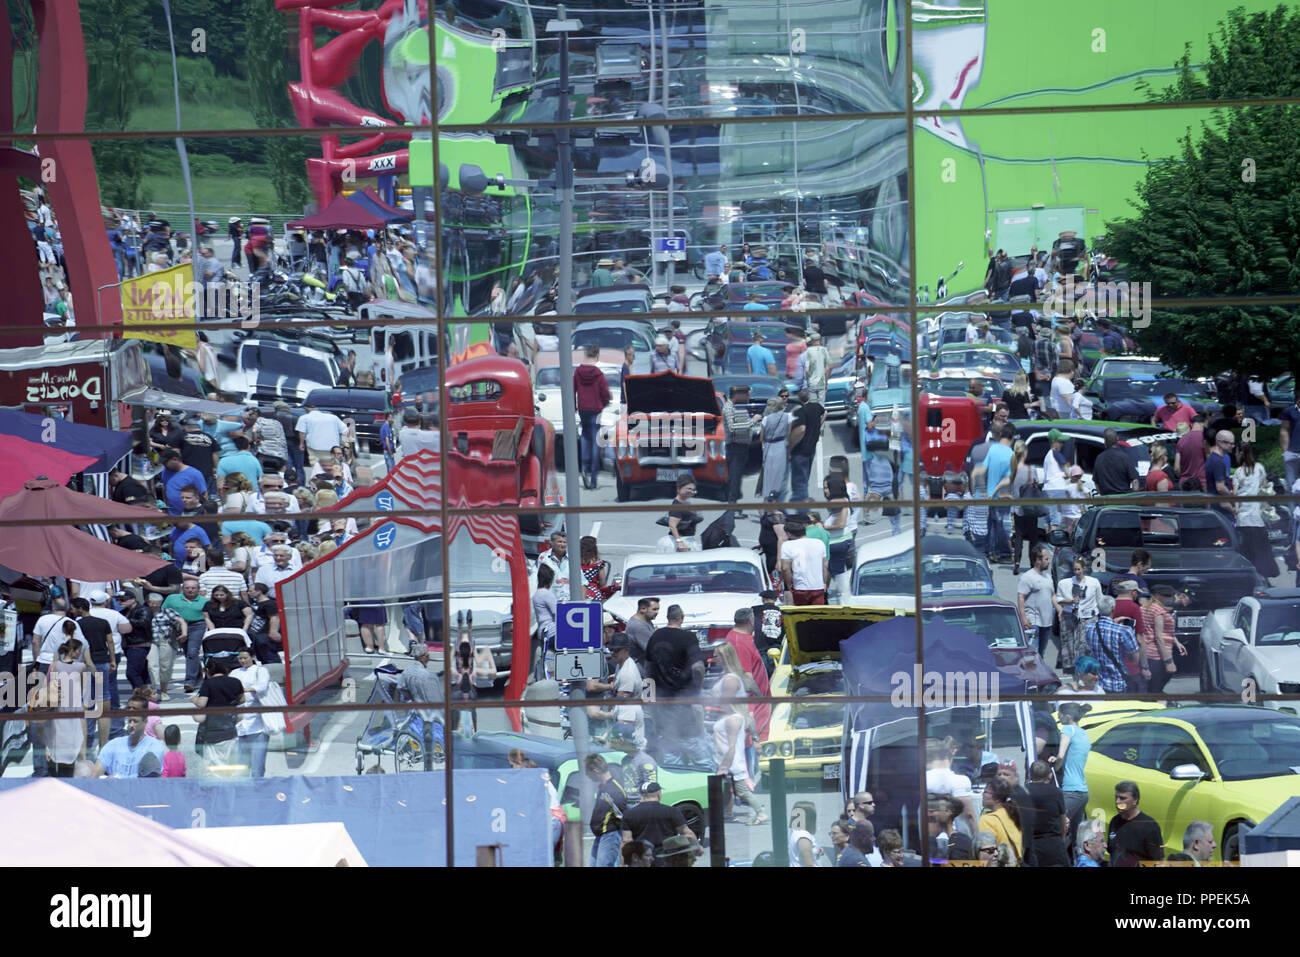 Den Xxxl Us Cars Bikes Treffen In Aschheim Mit Sonntag öffnung An